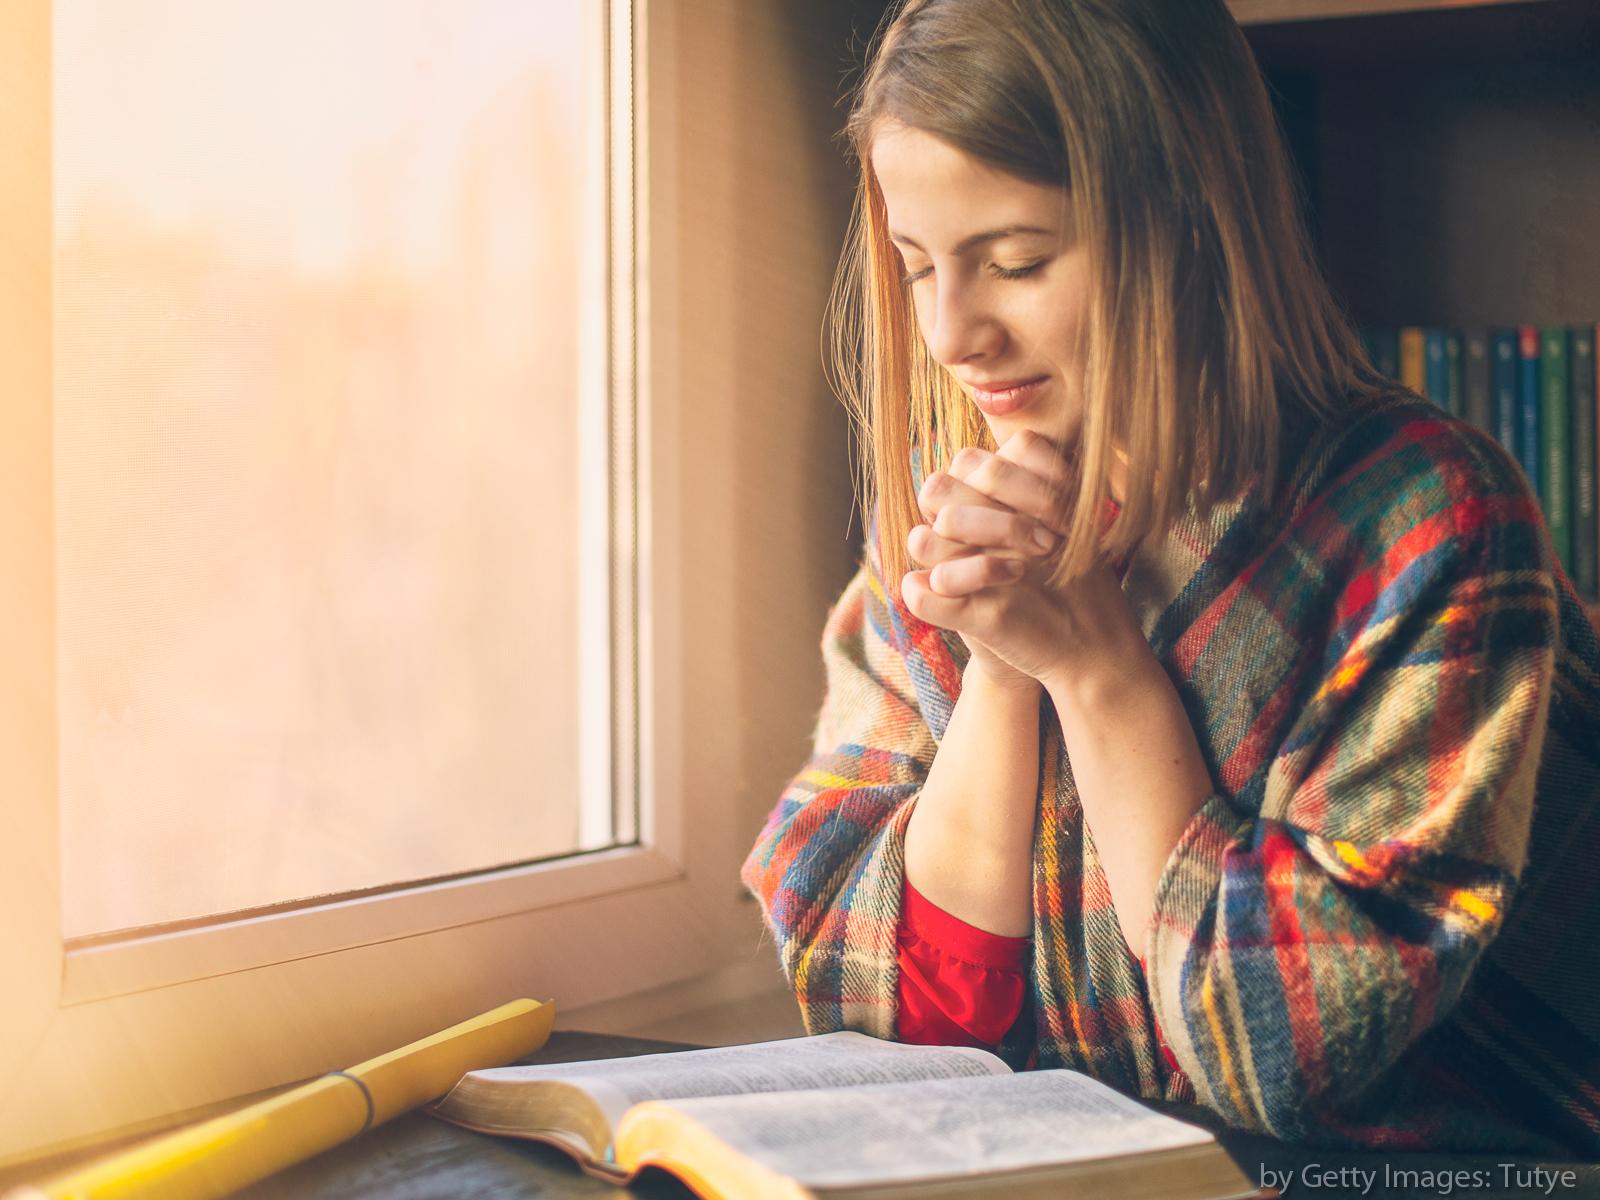 Confiantes e tementes a Deus nada pode nos abalar